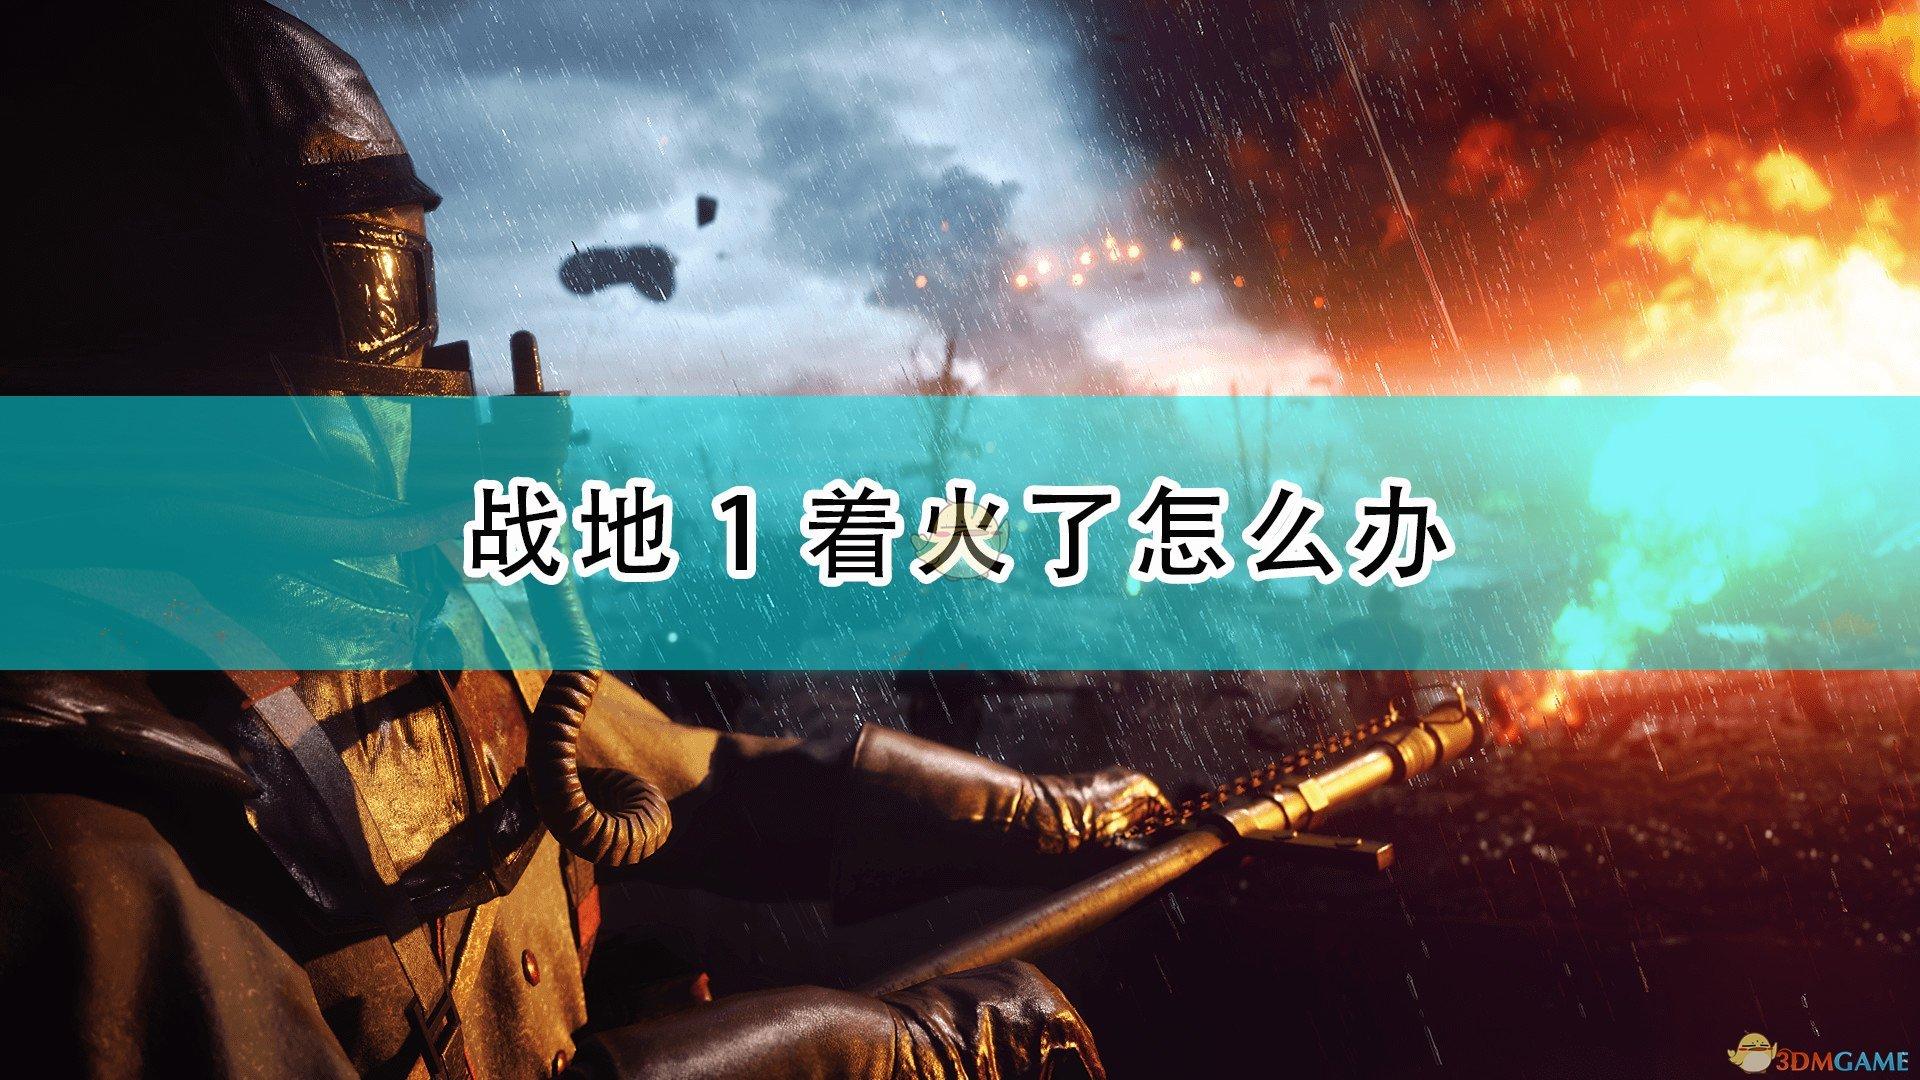 《戰地1》著火狀態介紹